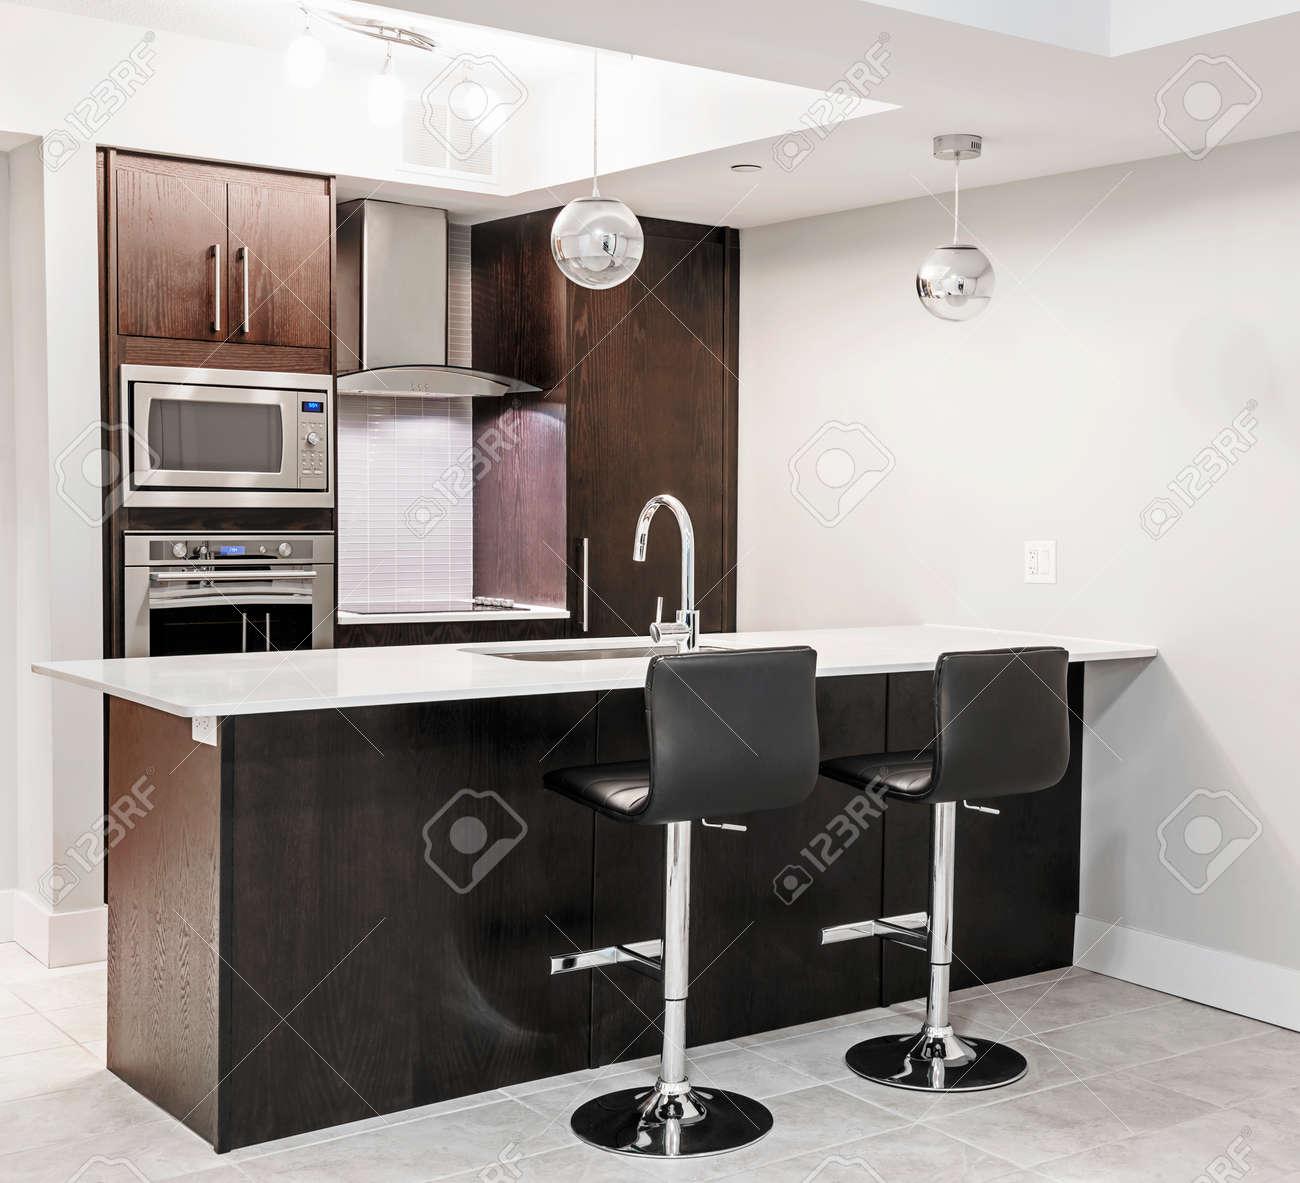 Modern luxury kitchen interior with dark wood cabinets, island..